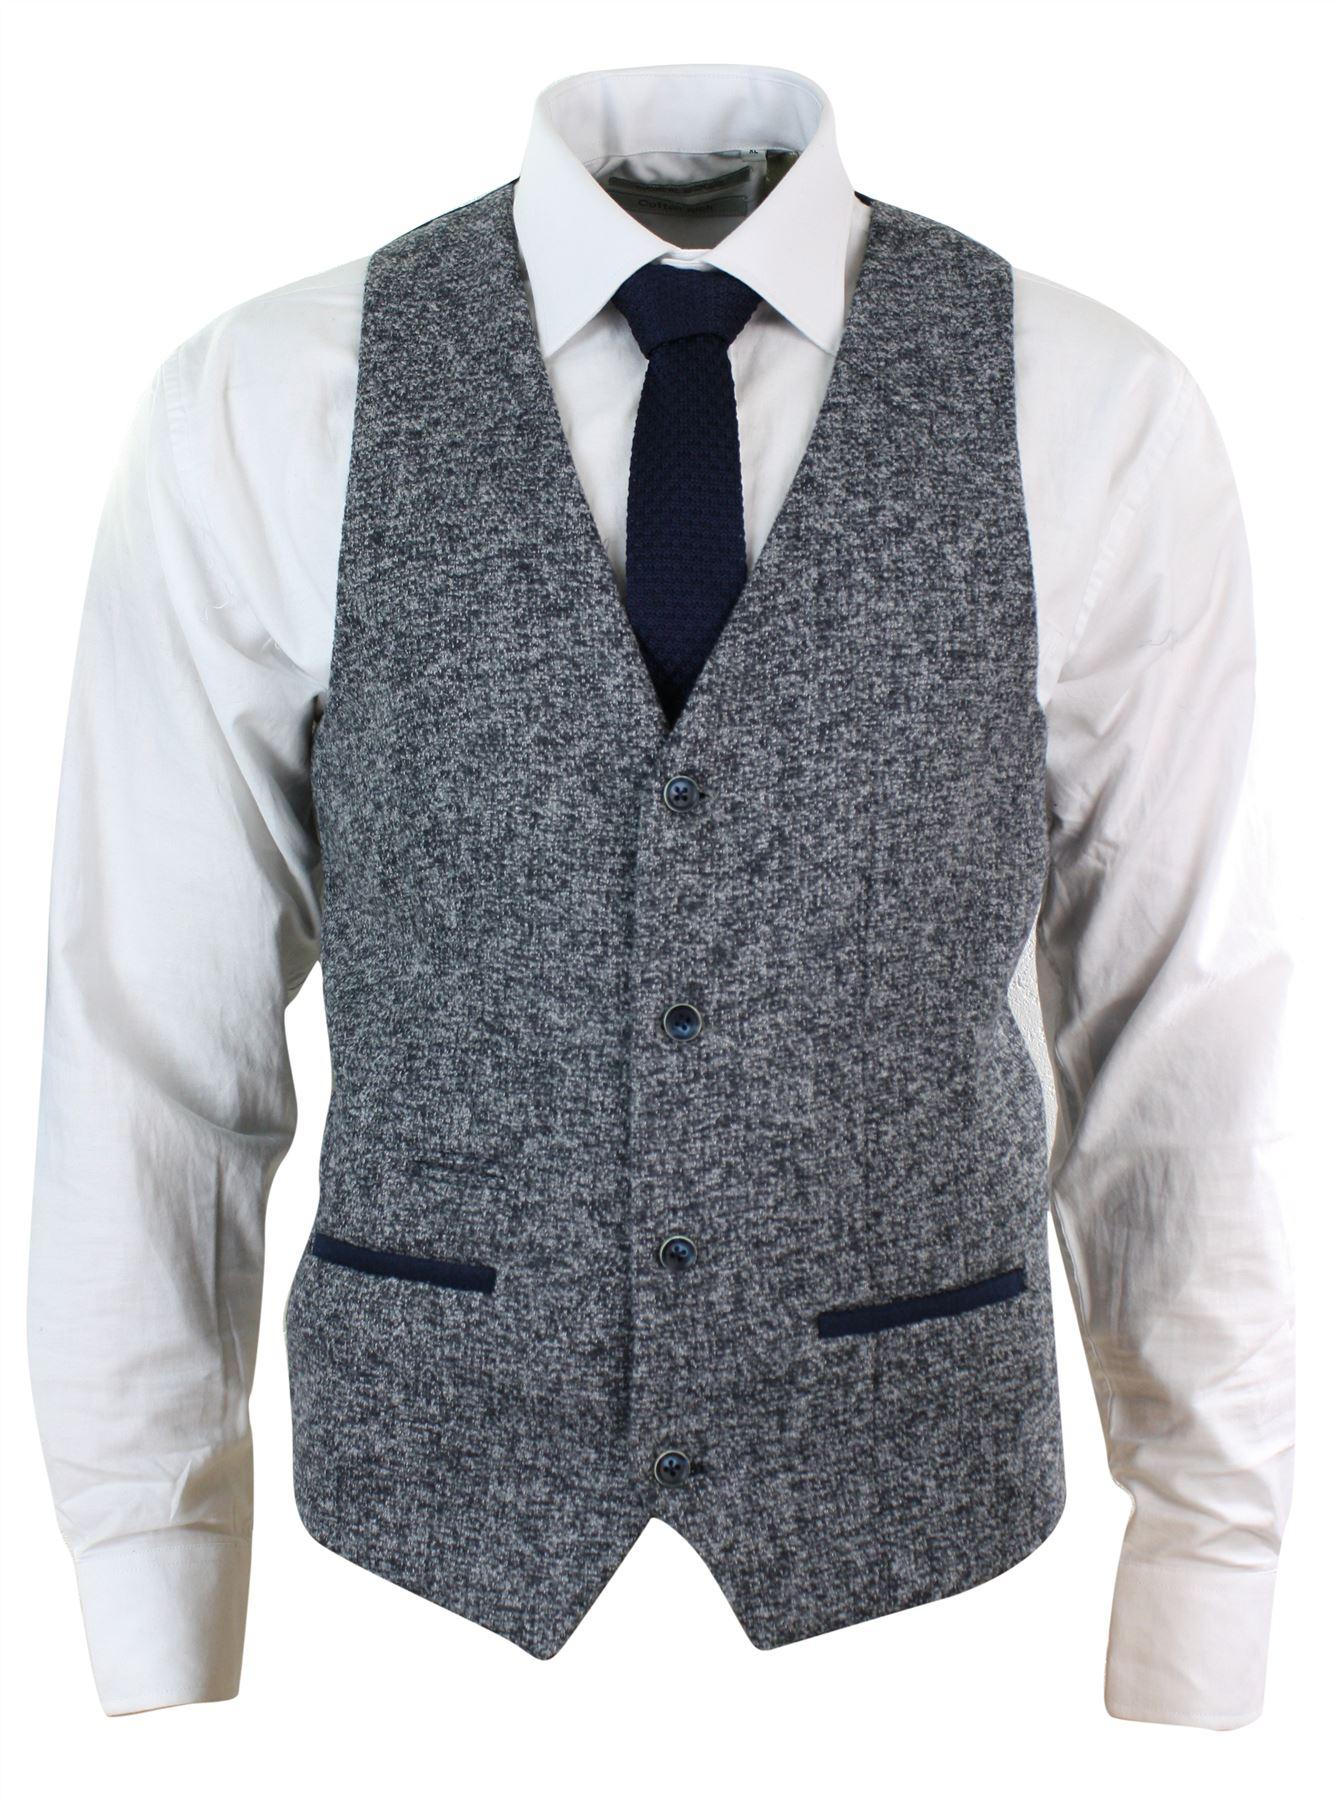 veste ou gilet homme tweed gris bleu coupe cintr e tissu. Black Bedroom Furniture Sets. Home Design Ideas